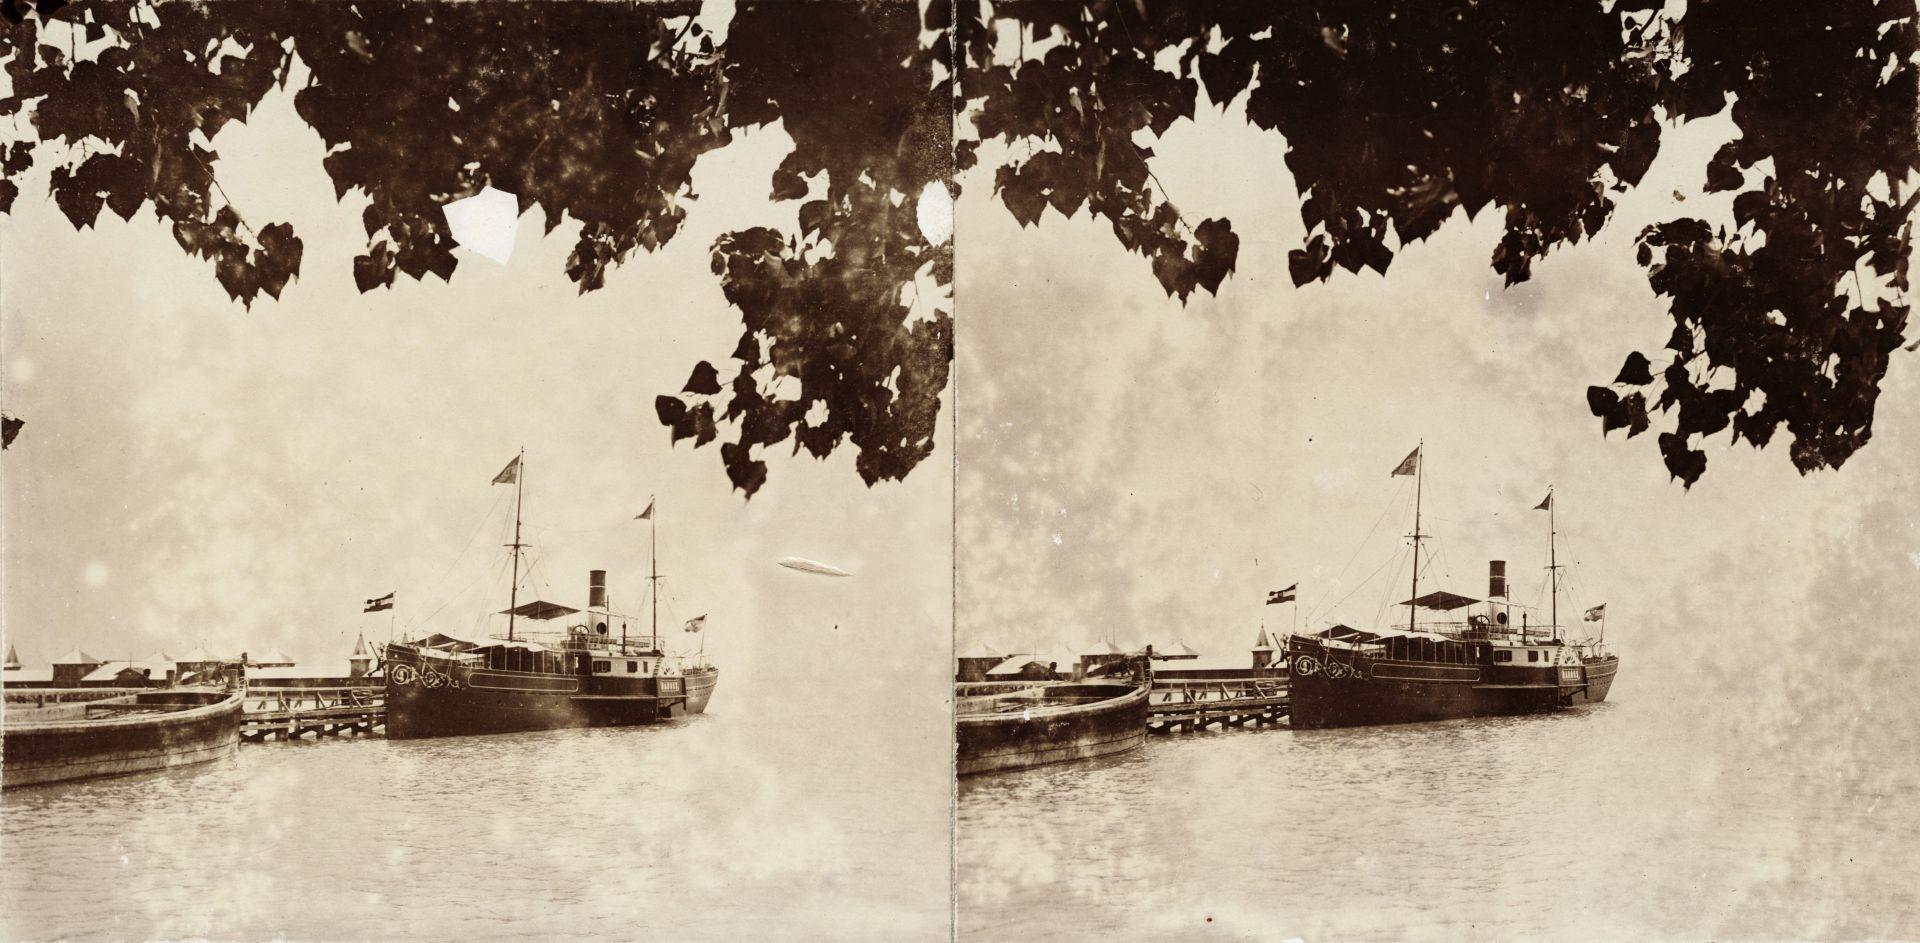 Baross gőzhajó a füredi mólón, háttérben a fürdőház. A felvétel 1894-ben készült.